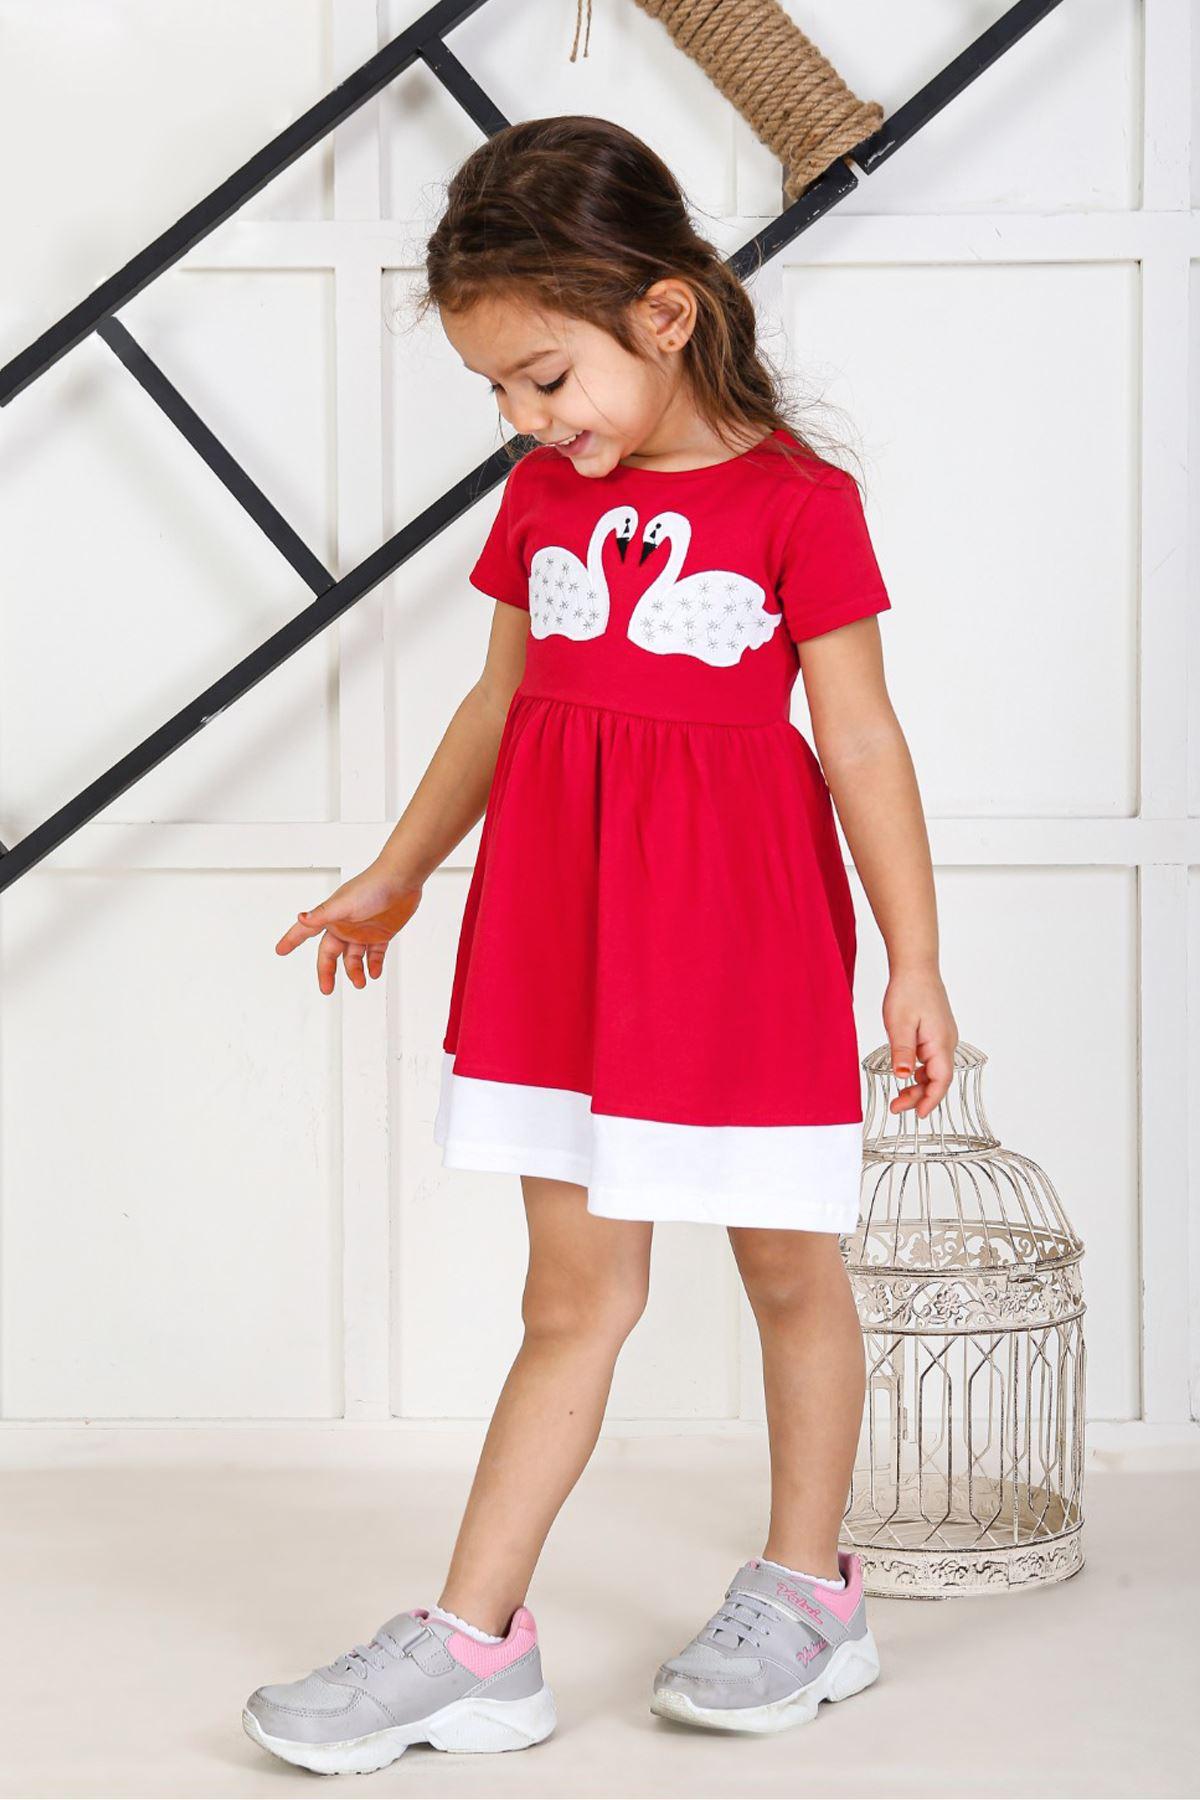 Narçiçeği Yazlık Kız Çocuk Elbise